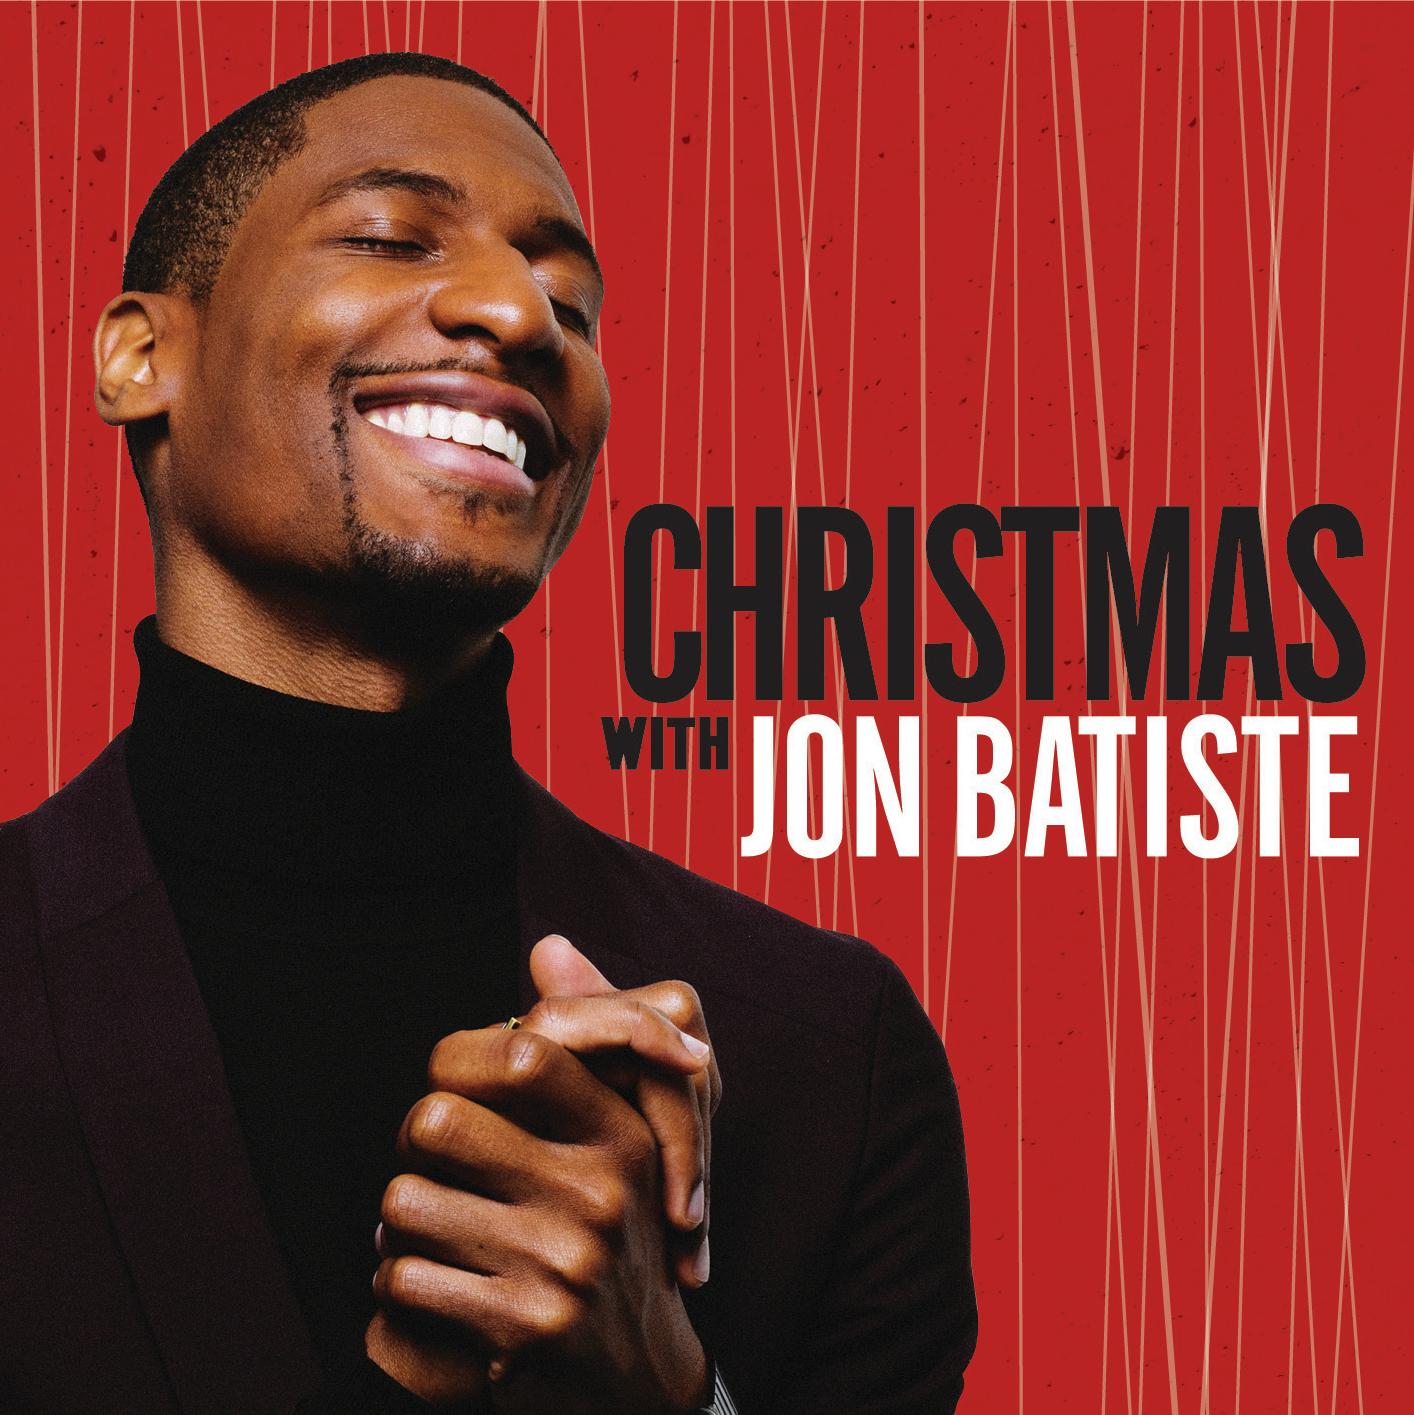 Jon Batiste, Christmas with Jon Batiste. Courtesy of the artist.